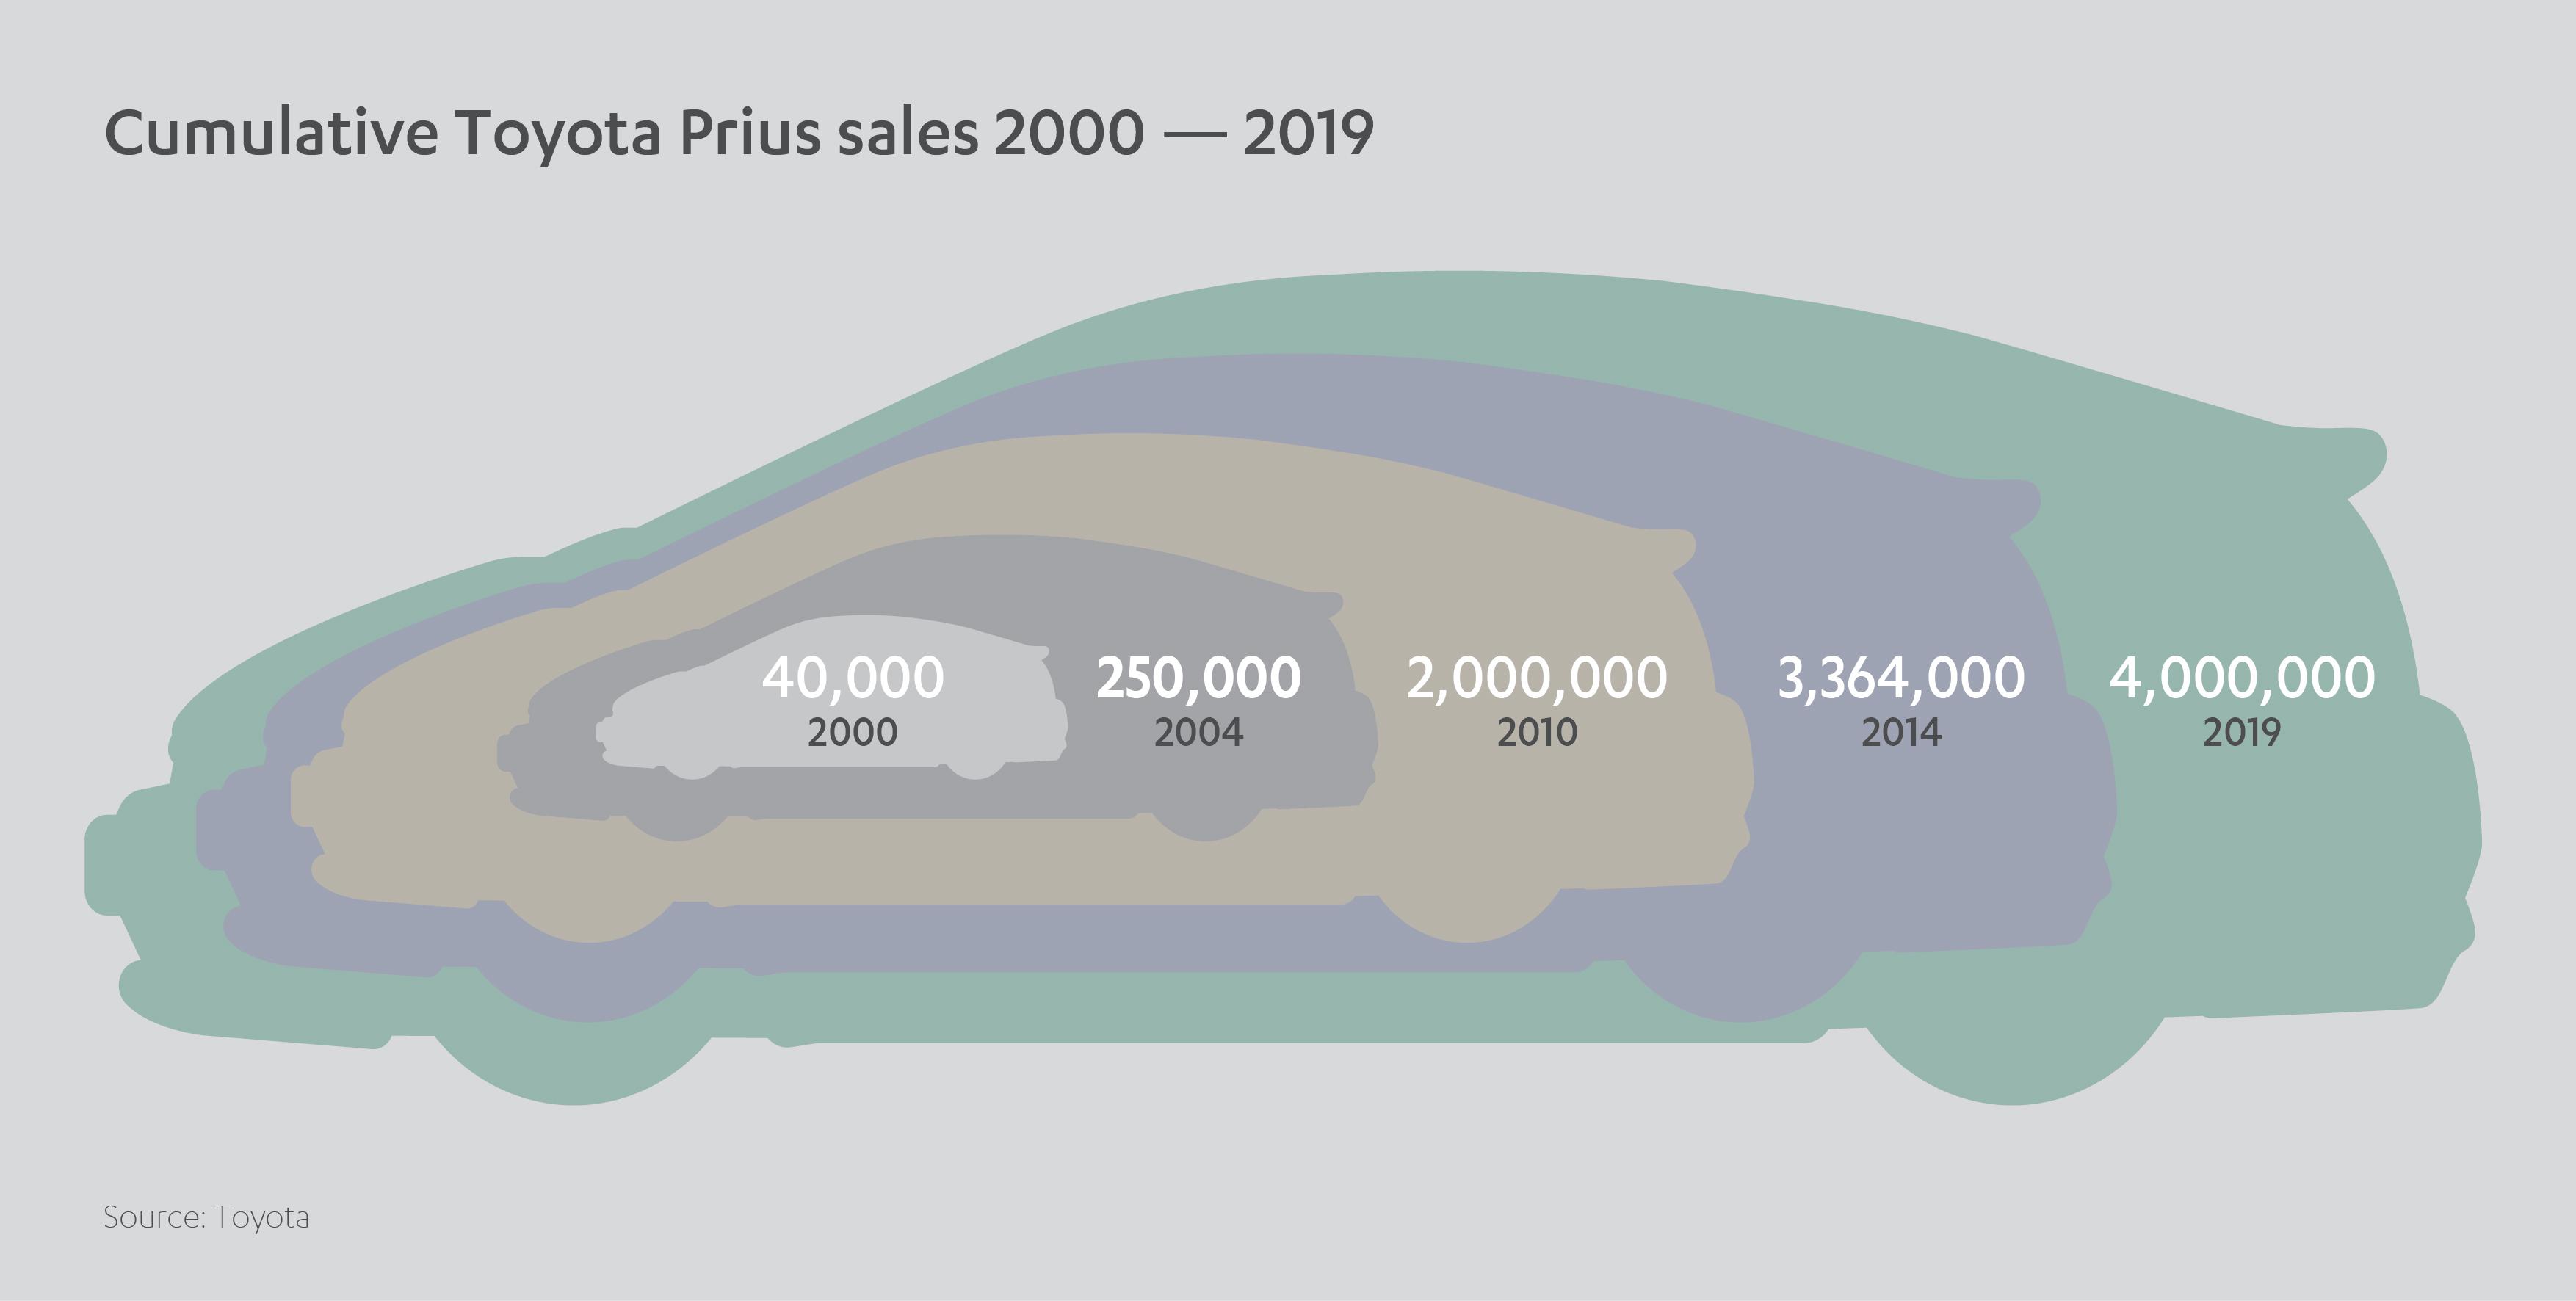 Cumulative Toyota Prius Sales 2000-2019